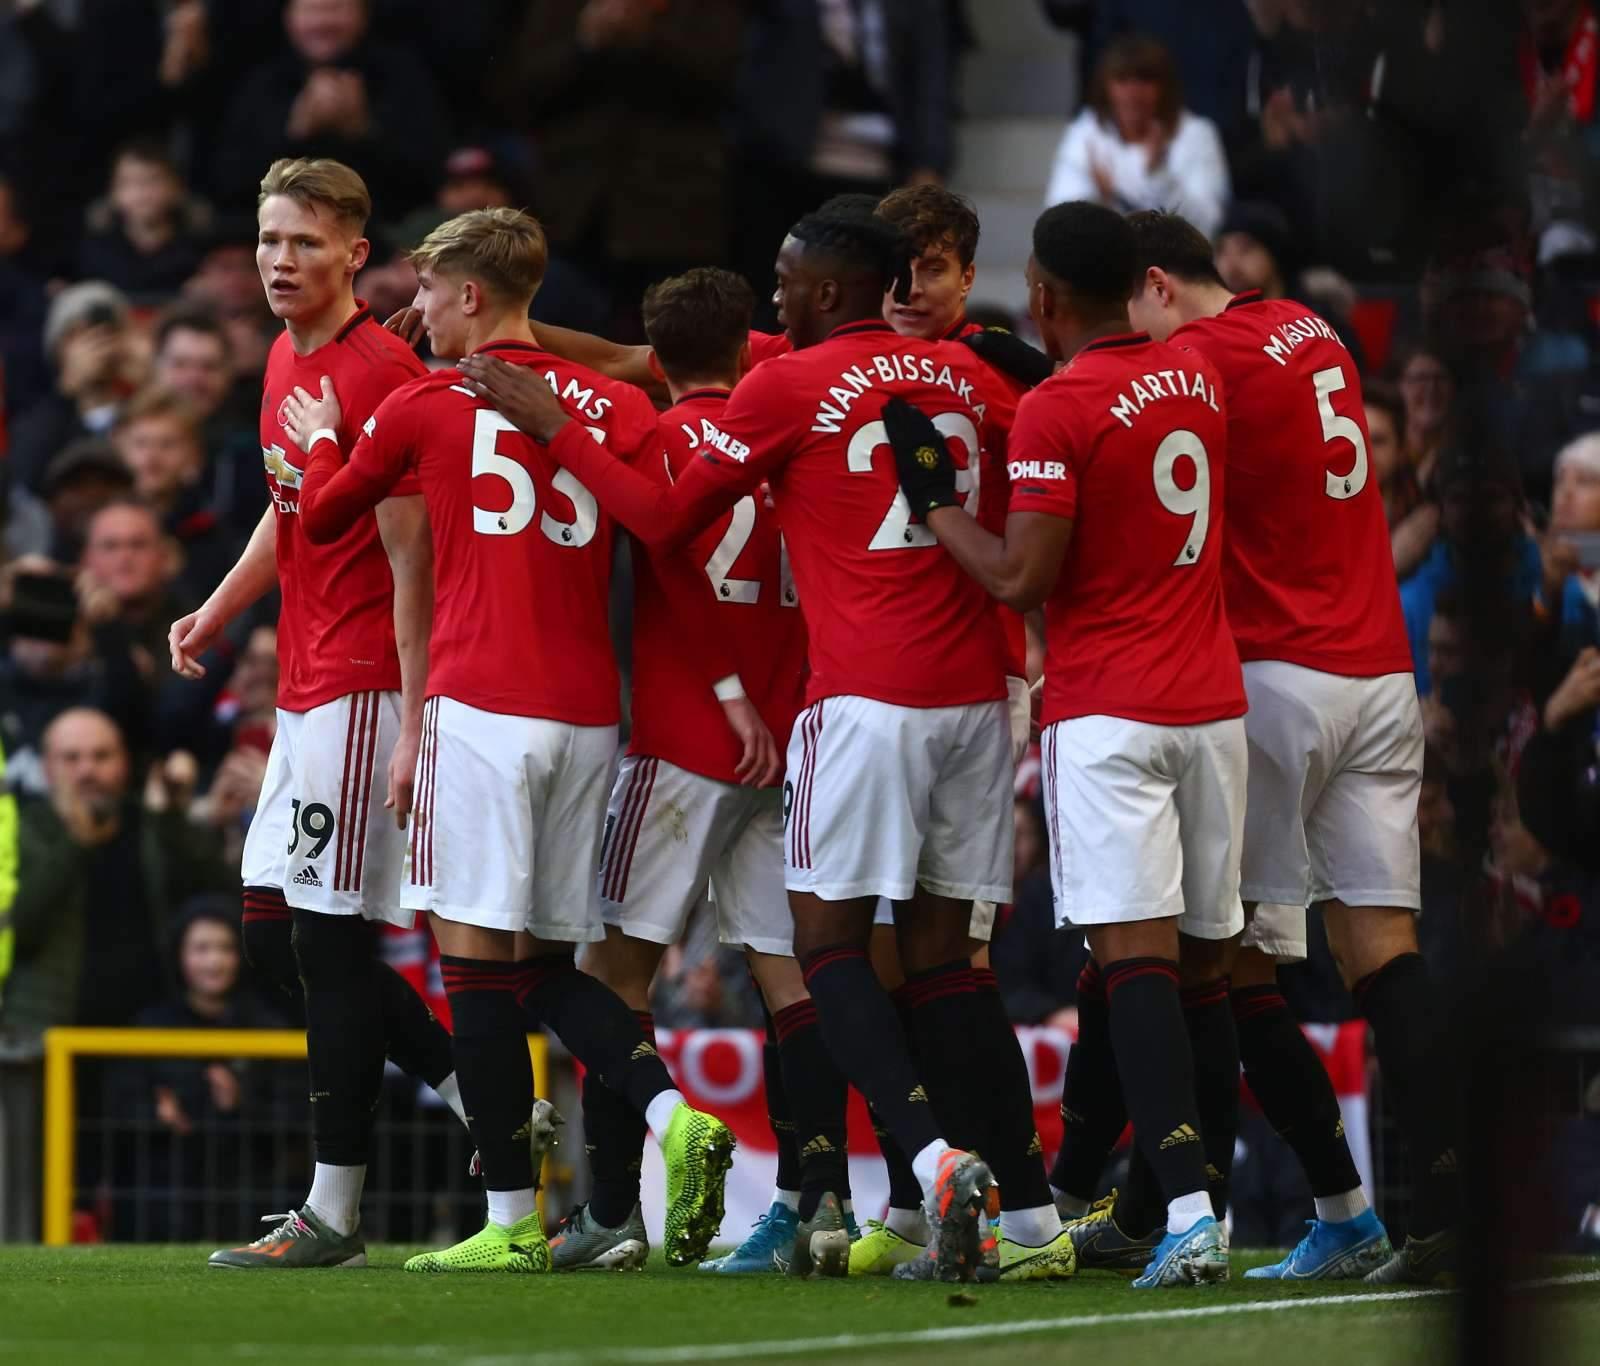 Кристал Пэлас - Манчестер Юнайтед: где смотреть прямую трансляцию онлайн